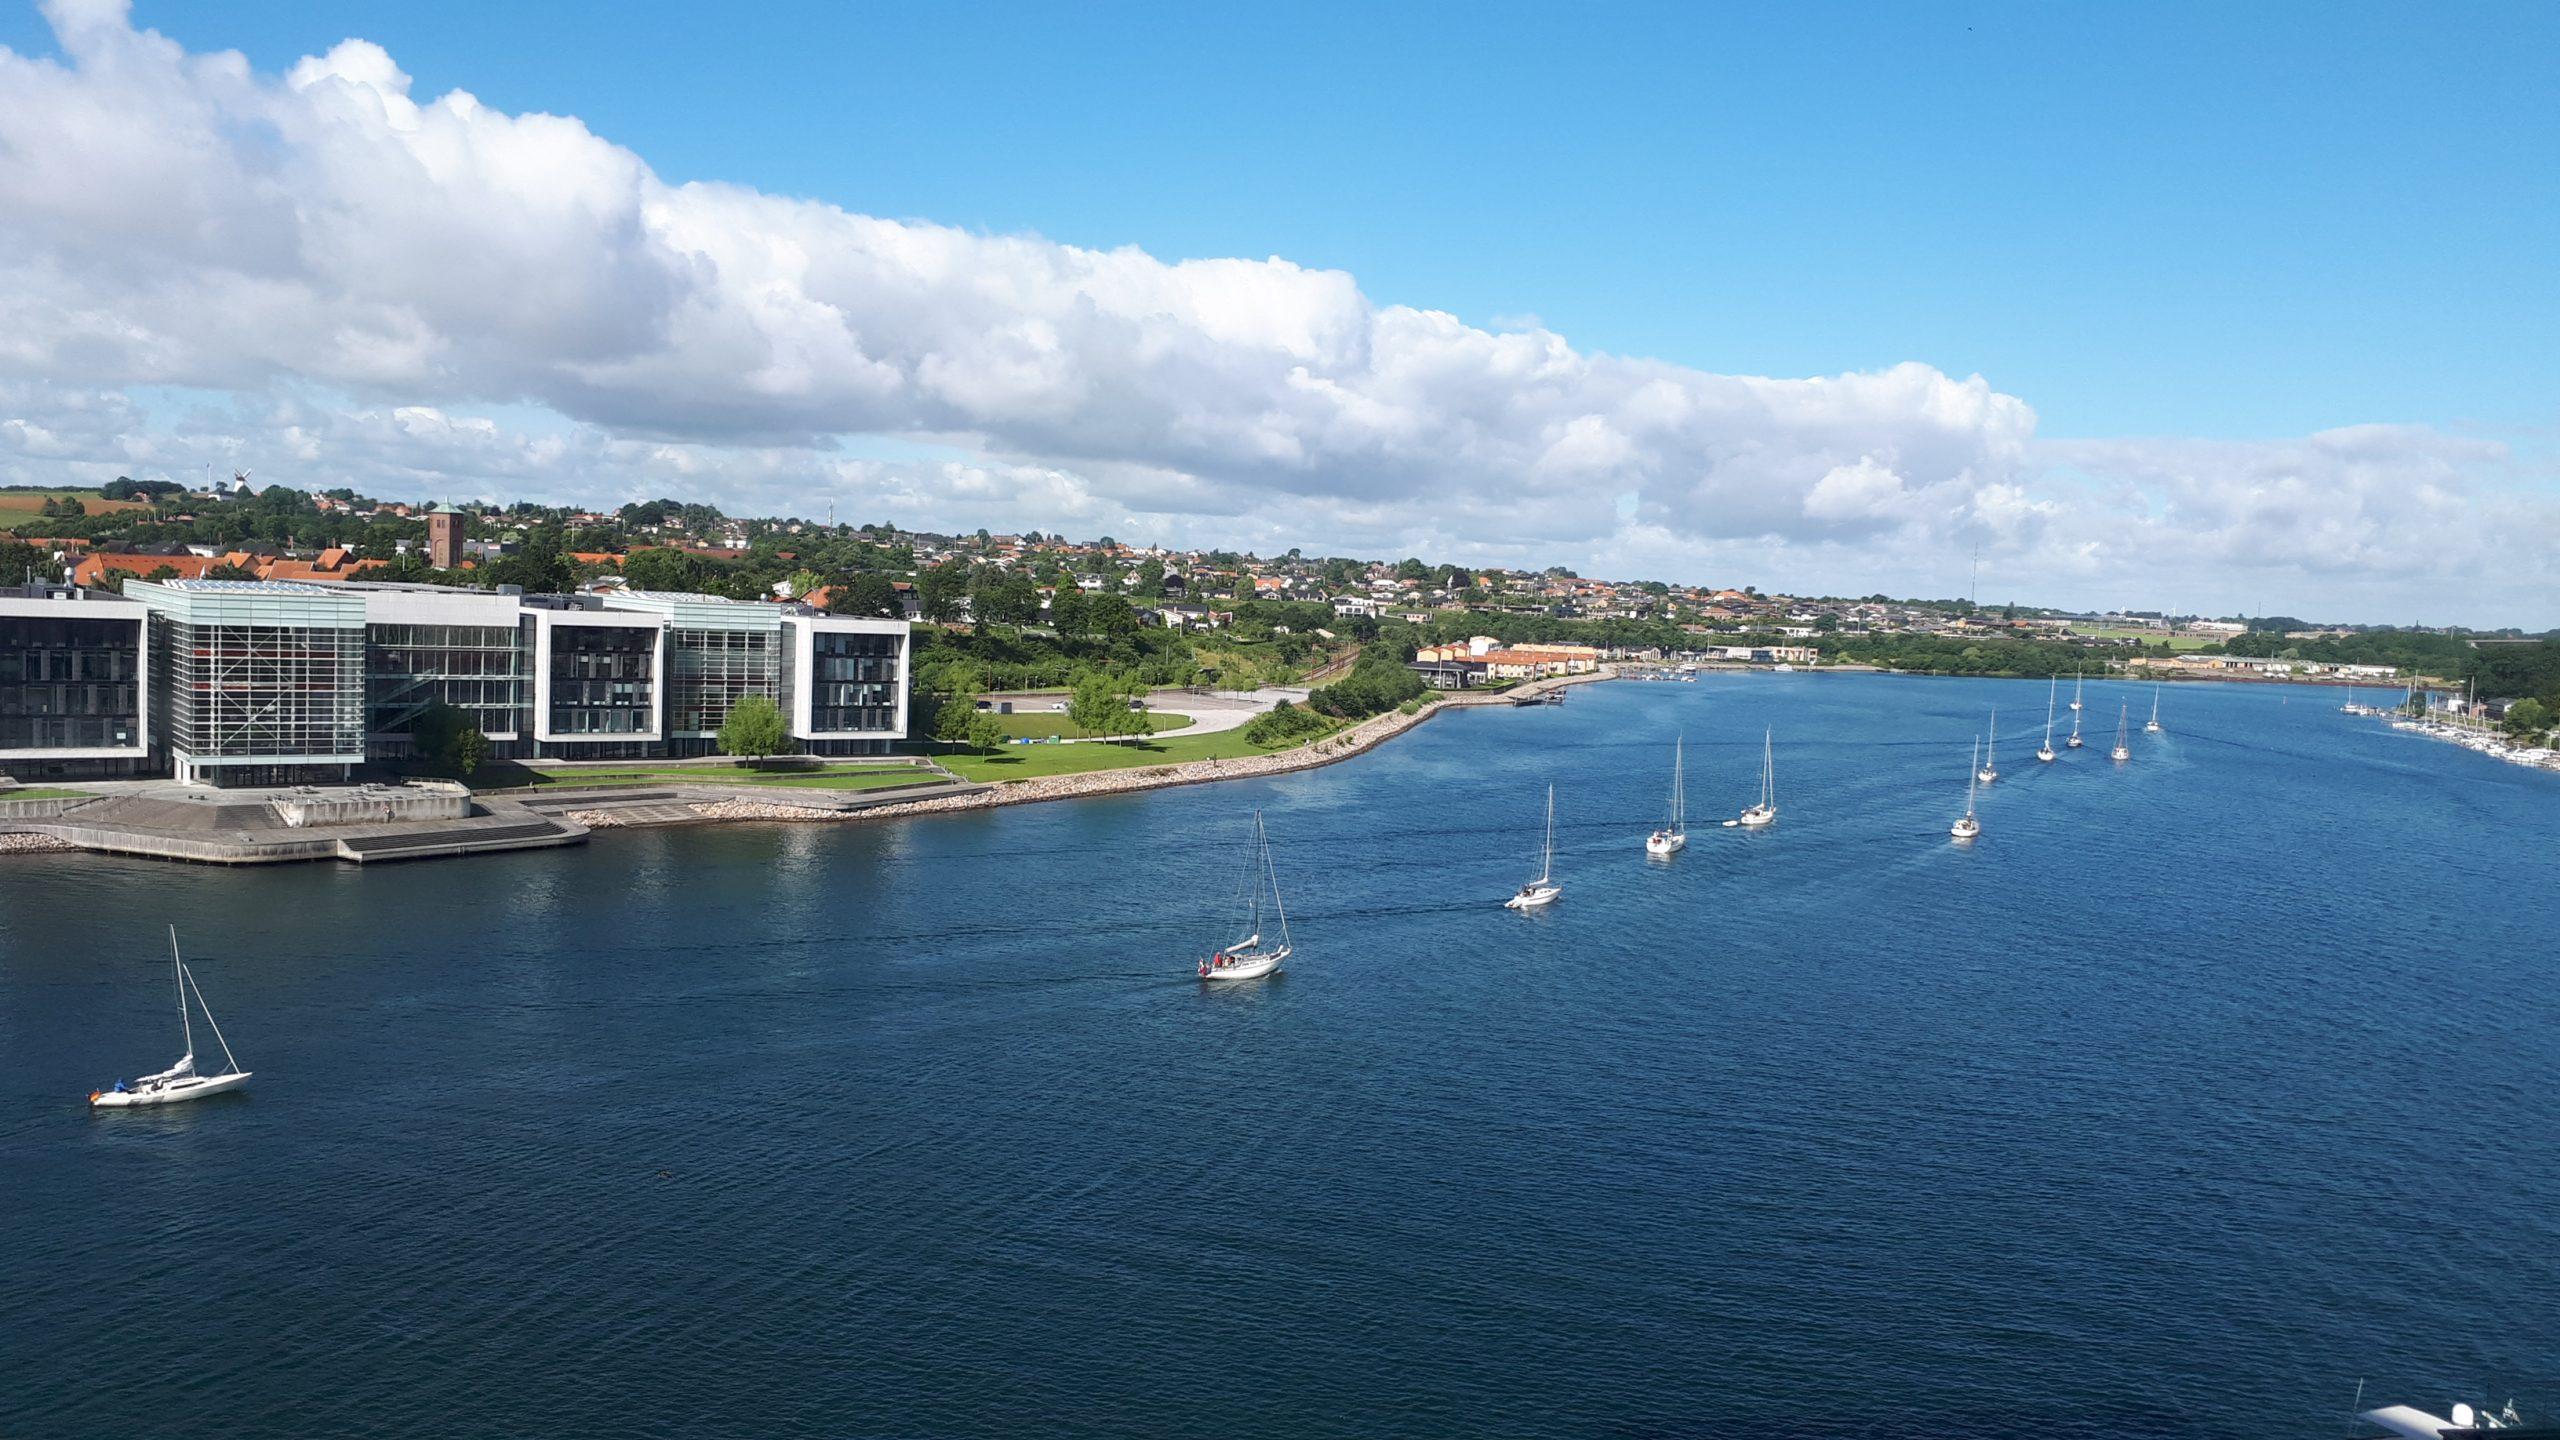 Sønderborg skal i juni 2022 være vært for en stor international konference om energieffektivisering. Foto: Henrik Baumgarten